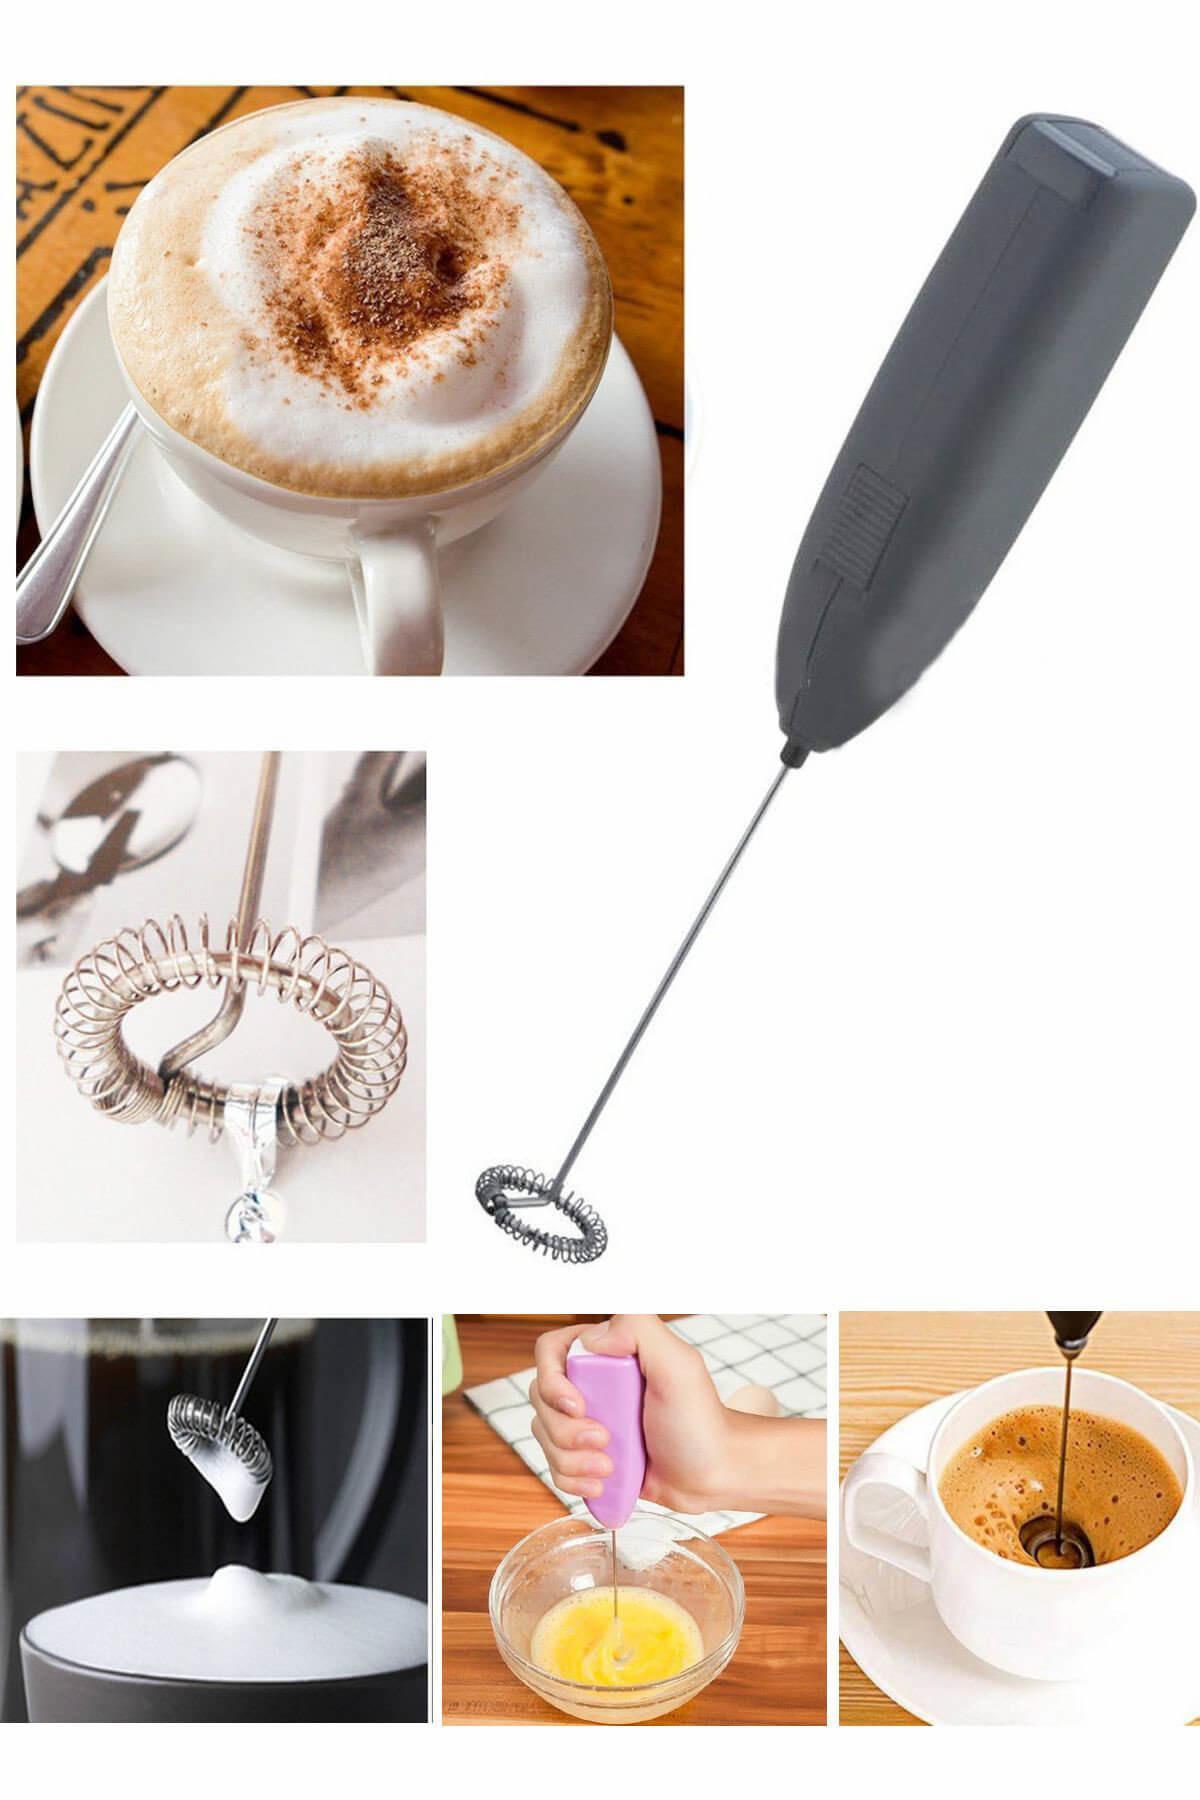 خلاط المشروبات الساخنة الالكتروني يعمل على البطاريات